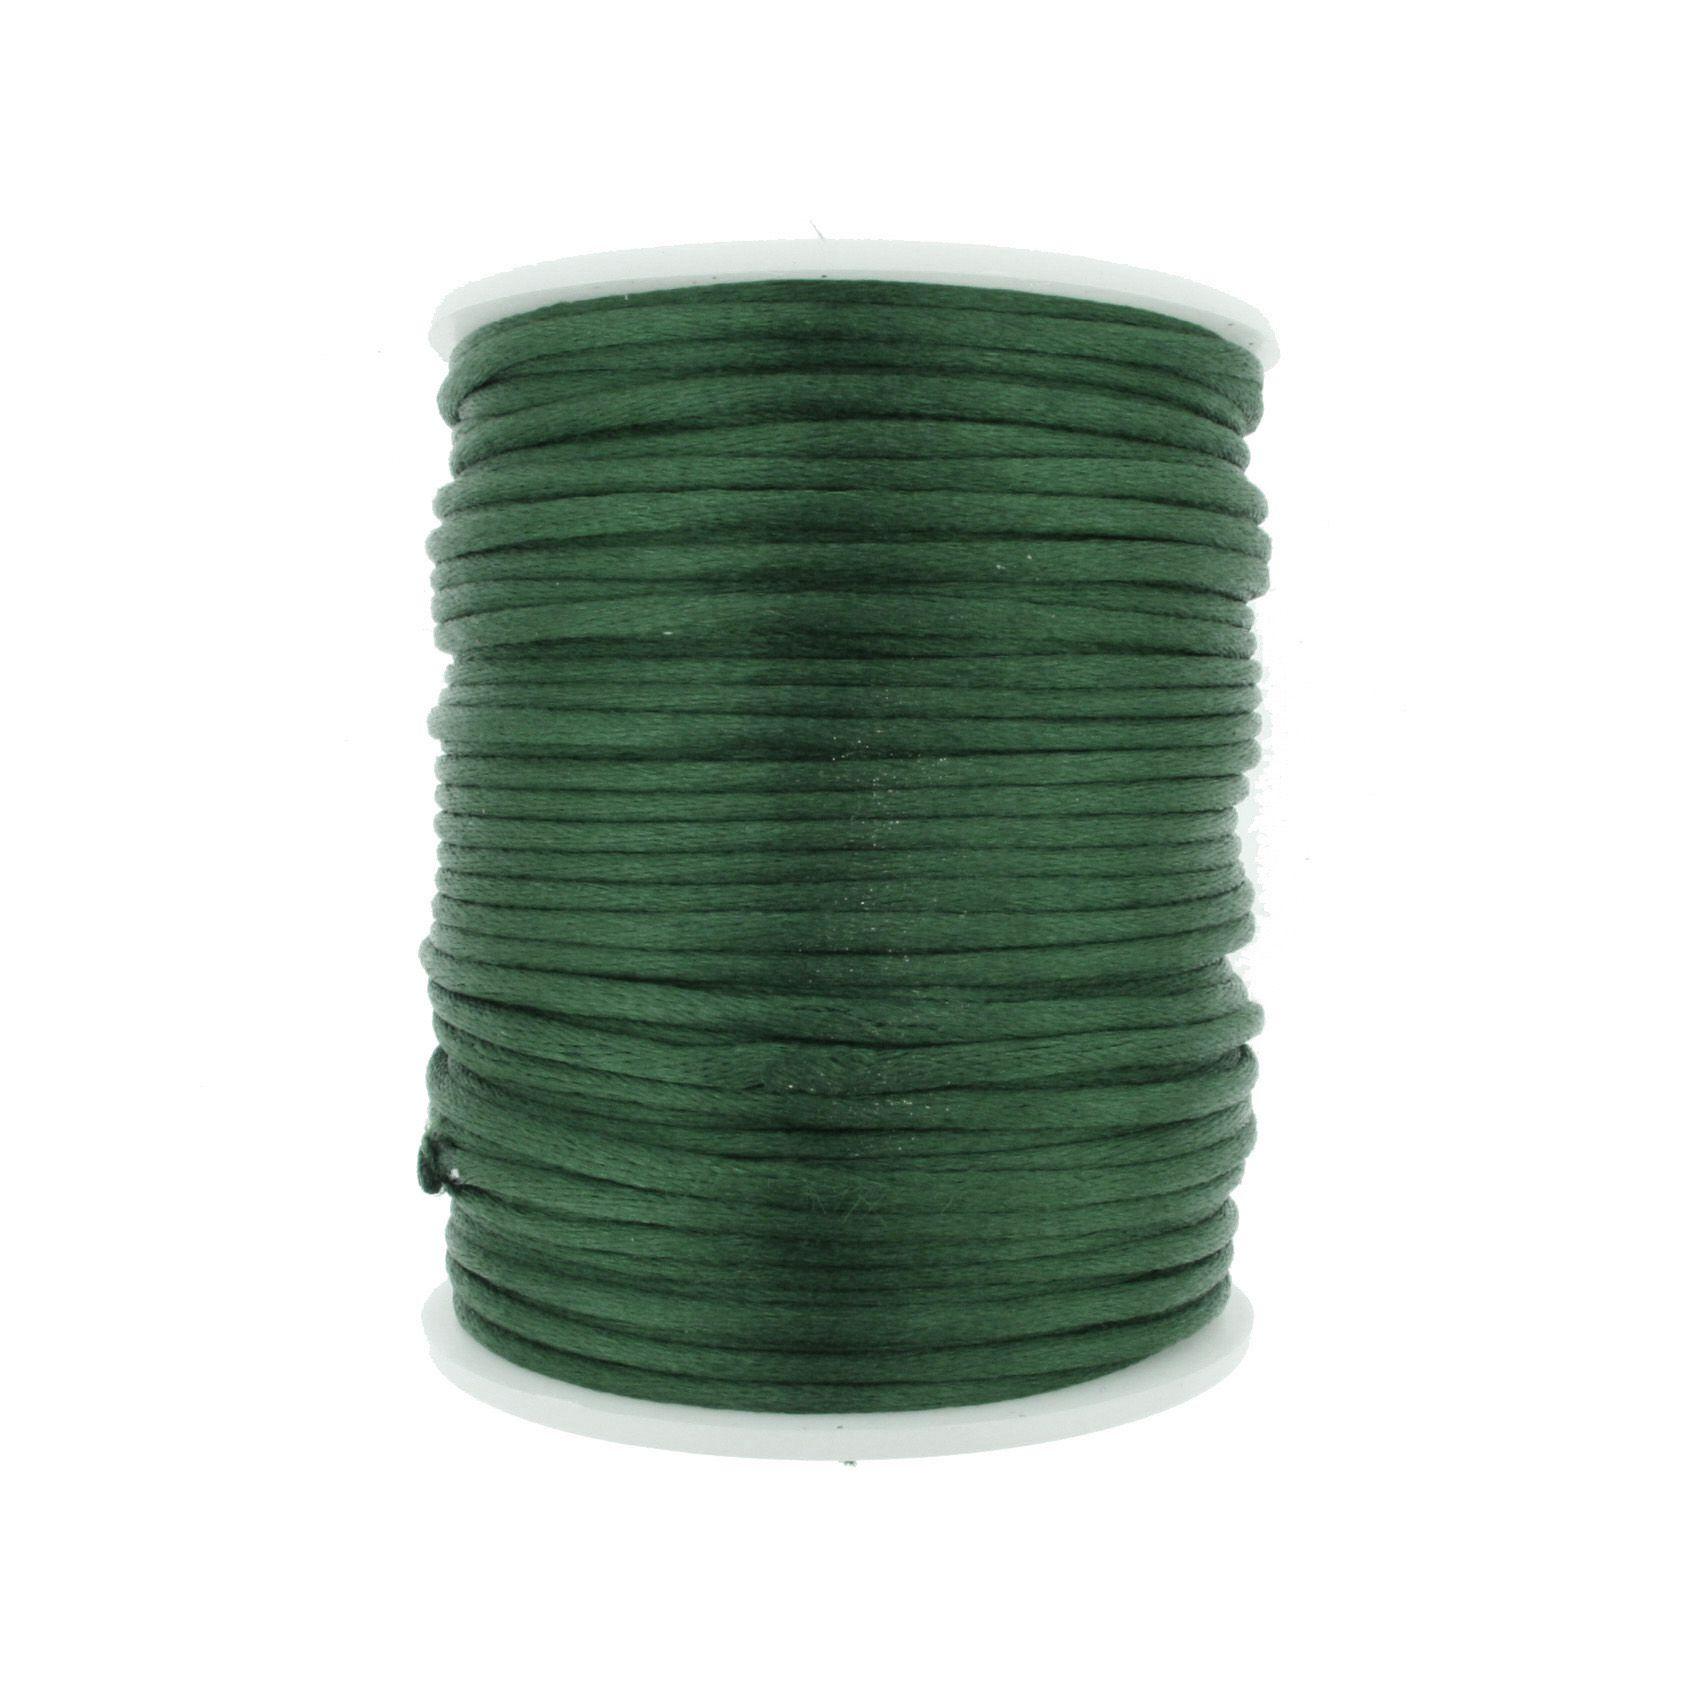 Cordão de Seda - Verde - 2mm  - Stéphanie Bijoux® - Peças para Bijuterias e Artesanato